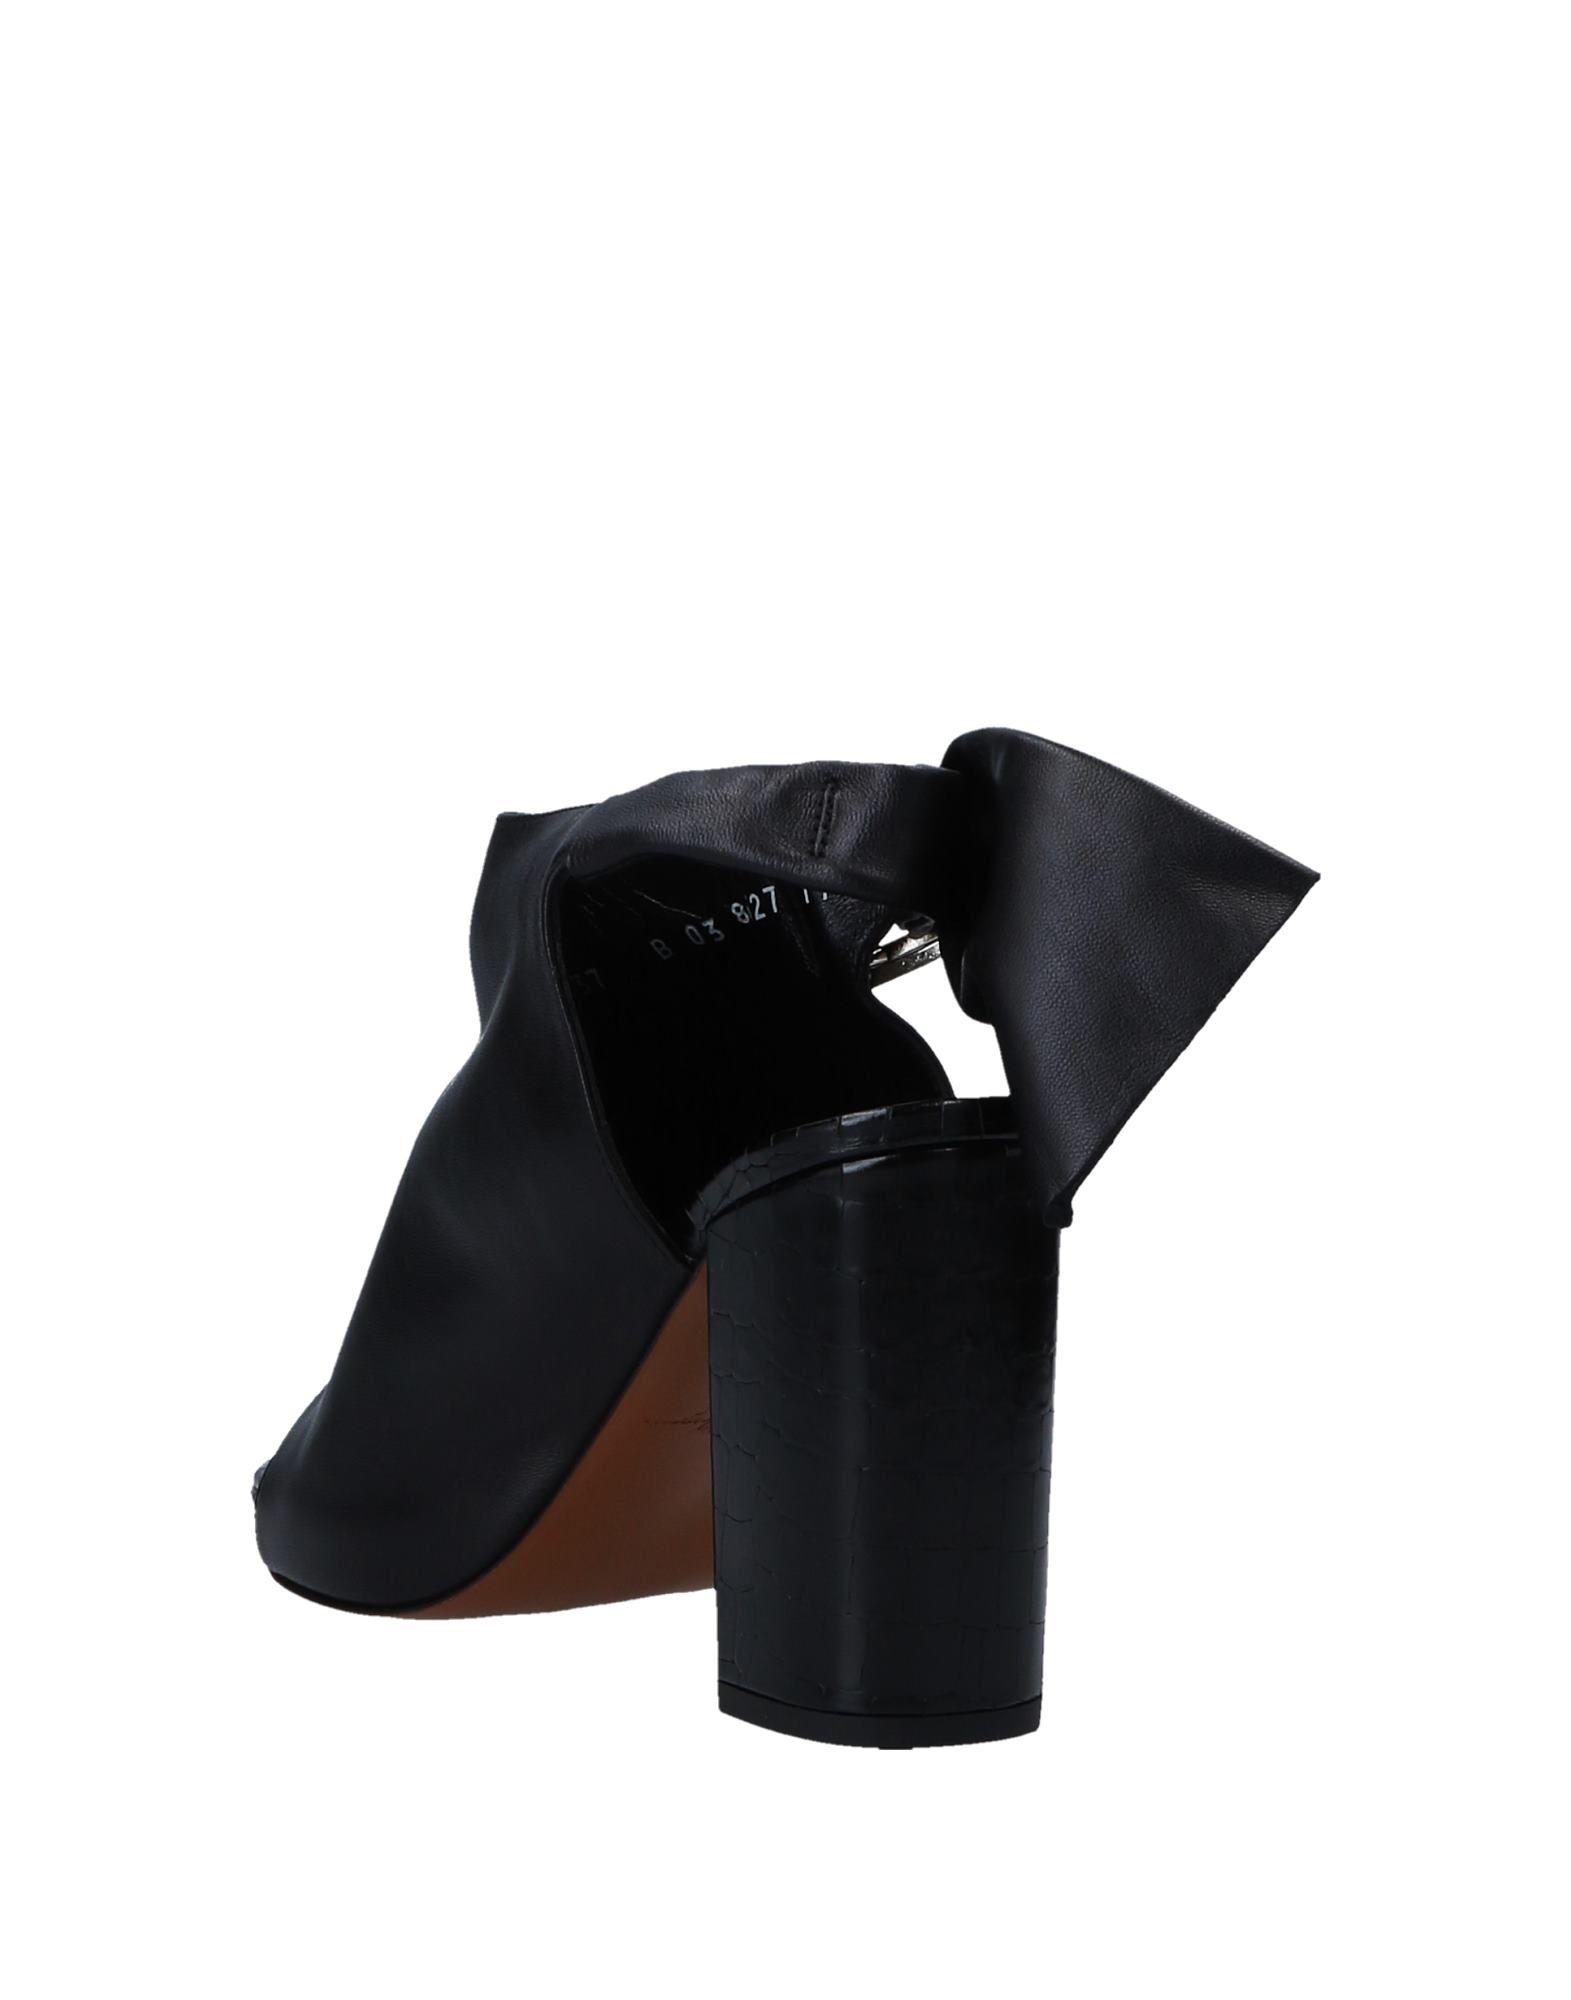 Rabatt Schuhe Robert Damen Clergerie Sandalen Damen Robert  11562785BP 91bbec